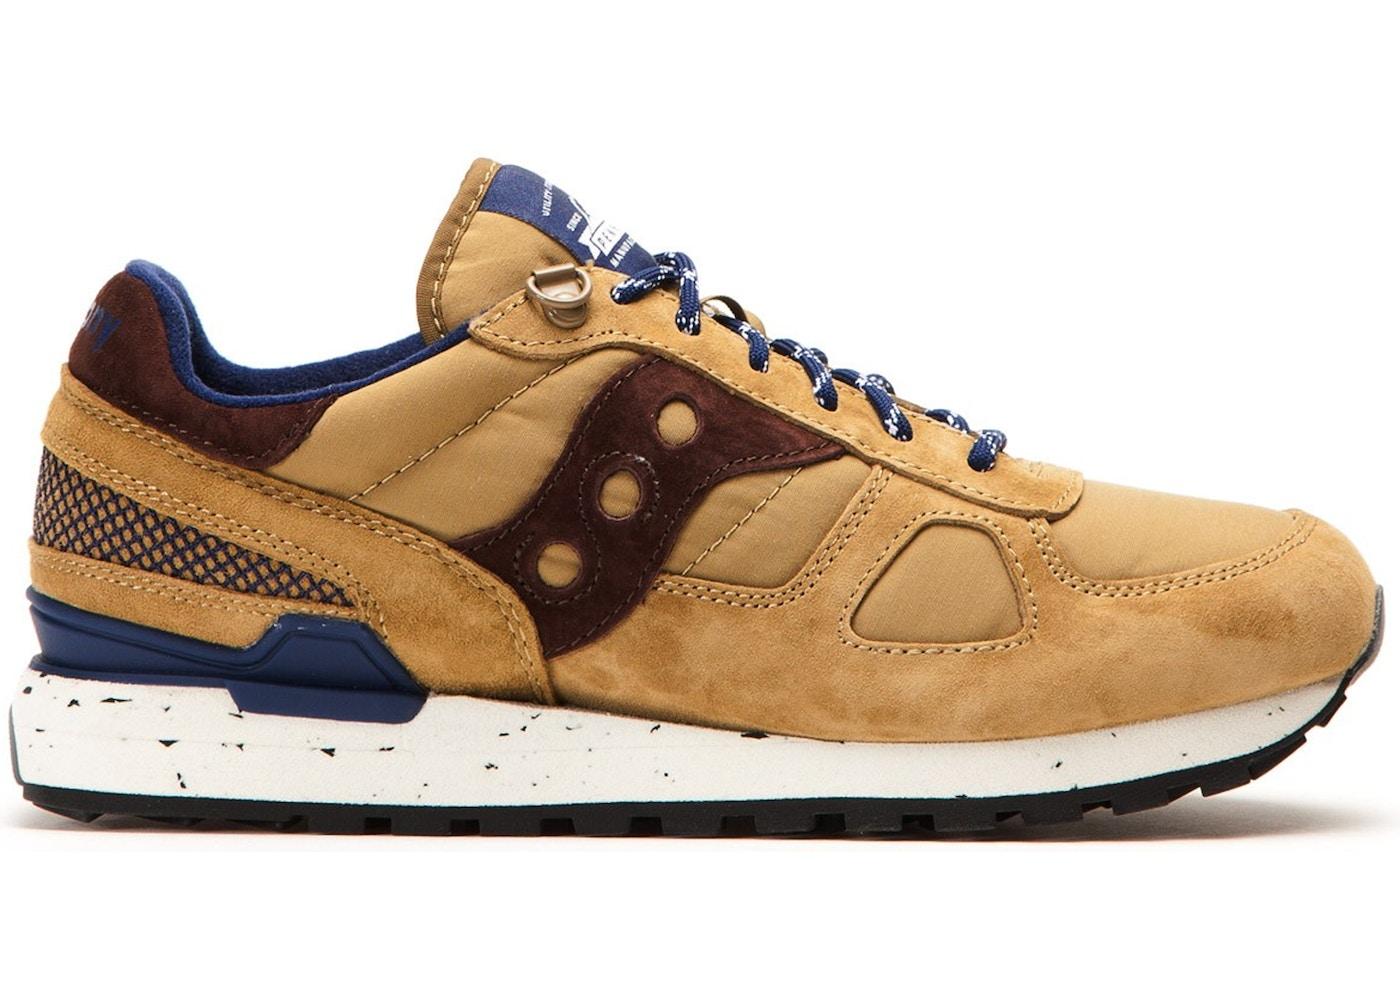 0186d2660210 Saucony Size 7.5 Shoes - Highest Bid